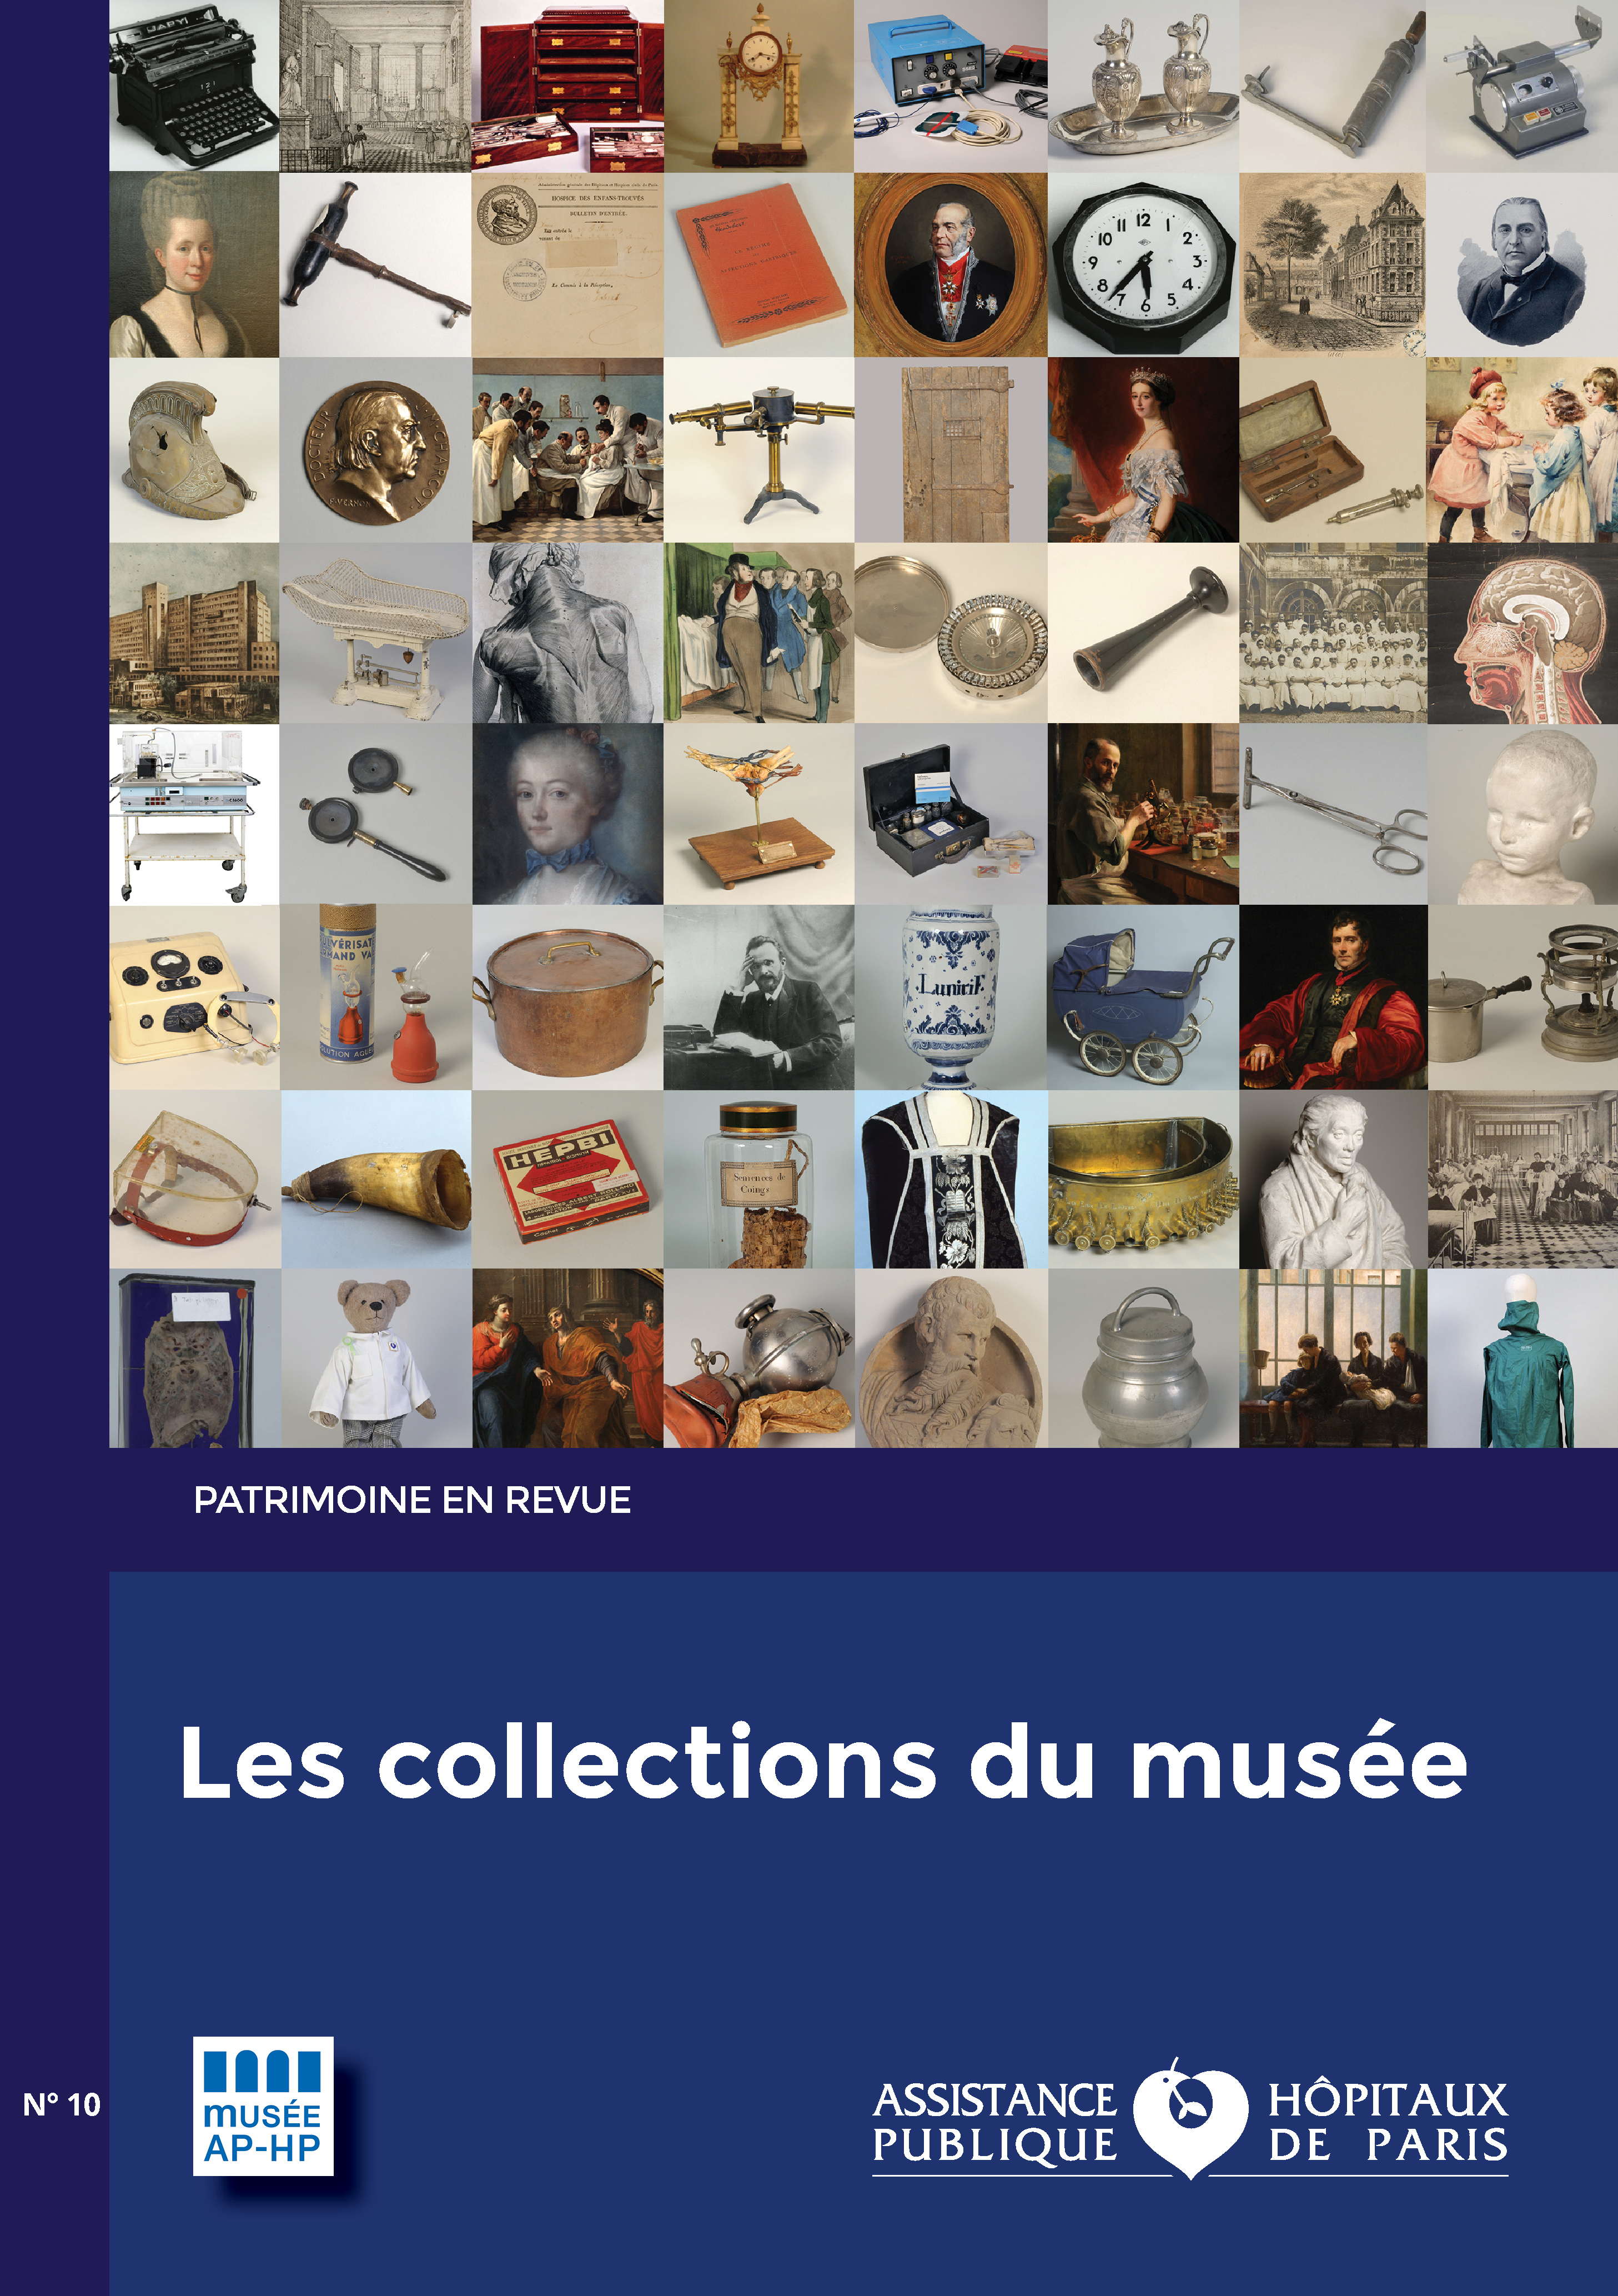 Patrimoine-en-revue_Histoire-collection-musee_APHP